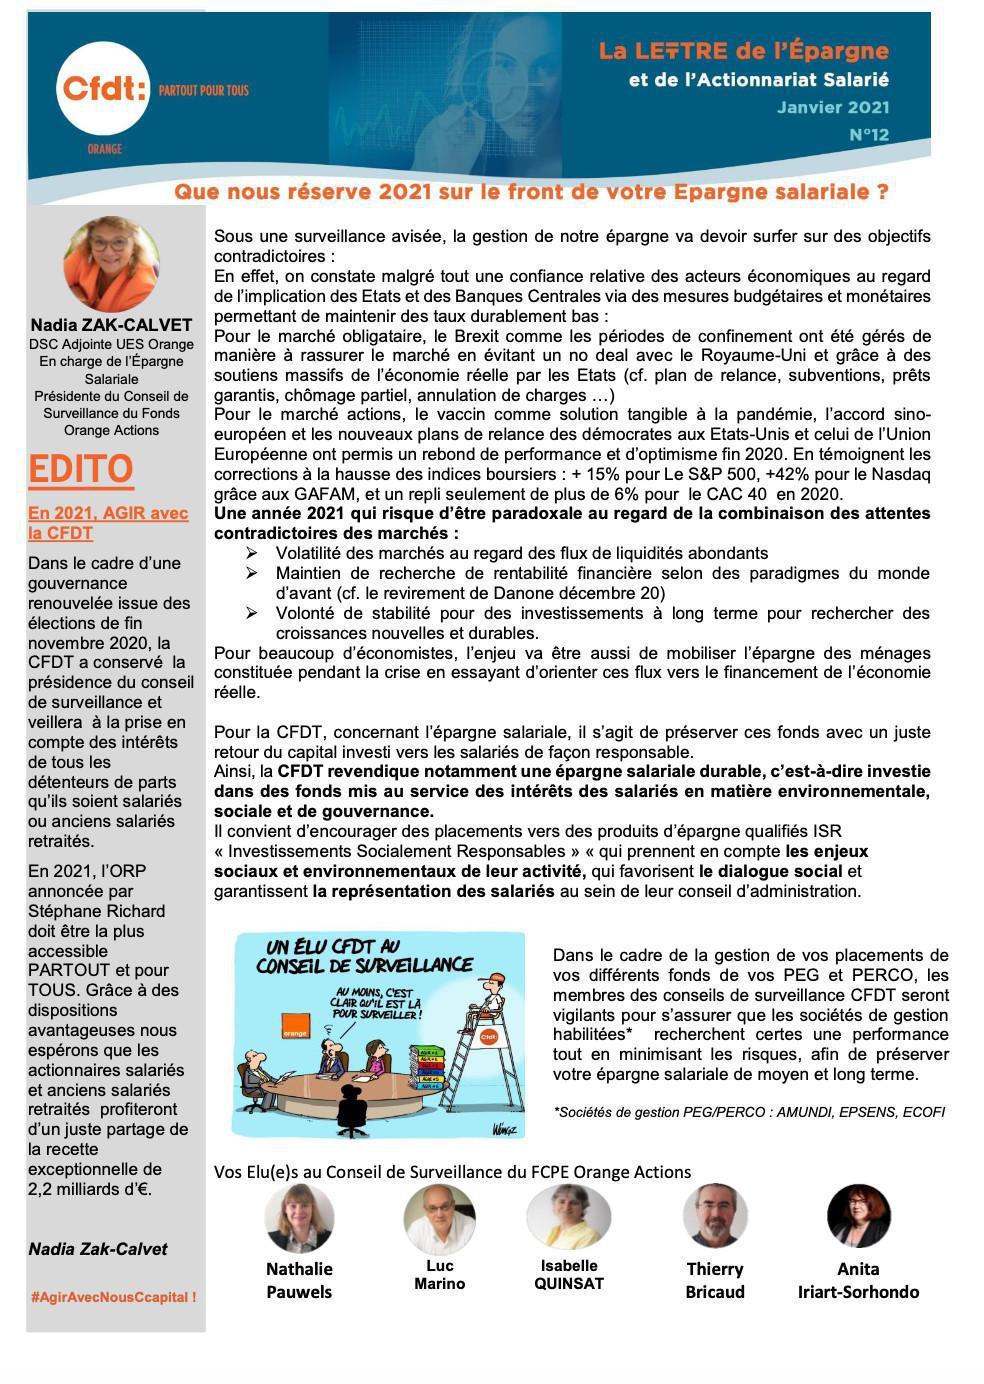 La lettre de l'épargne et de l'actionnariat salarié -Janvier 2021-#N°12